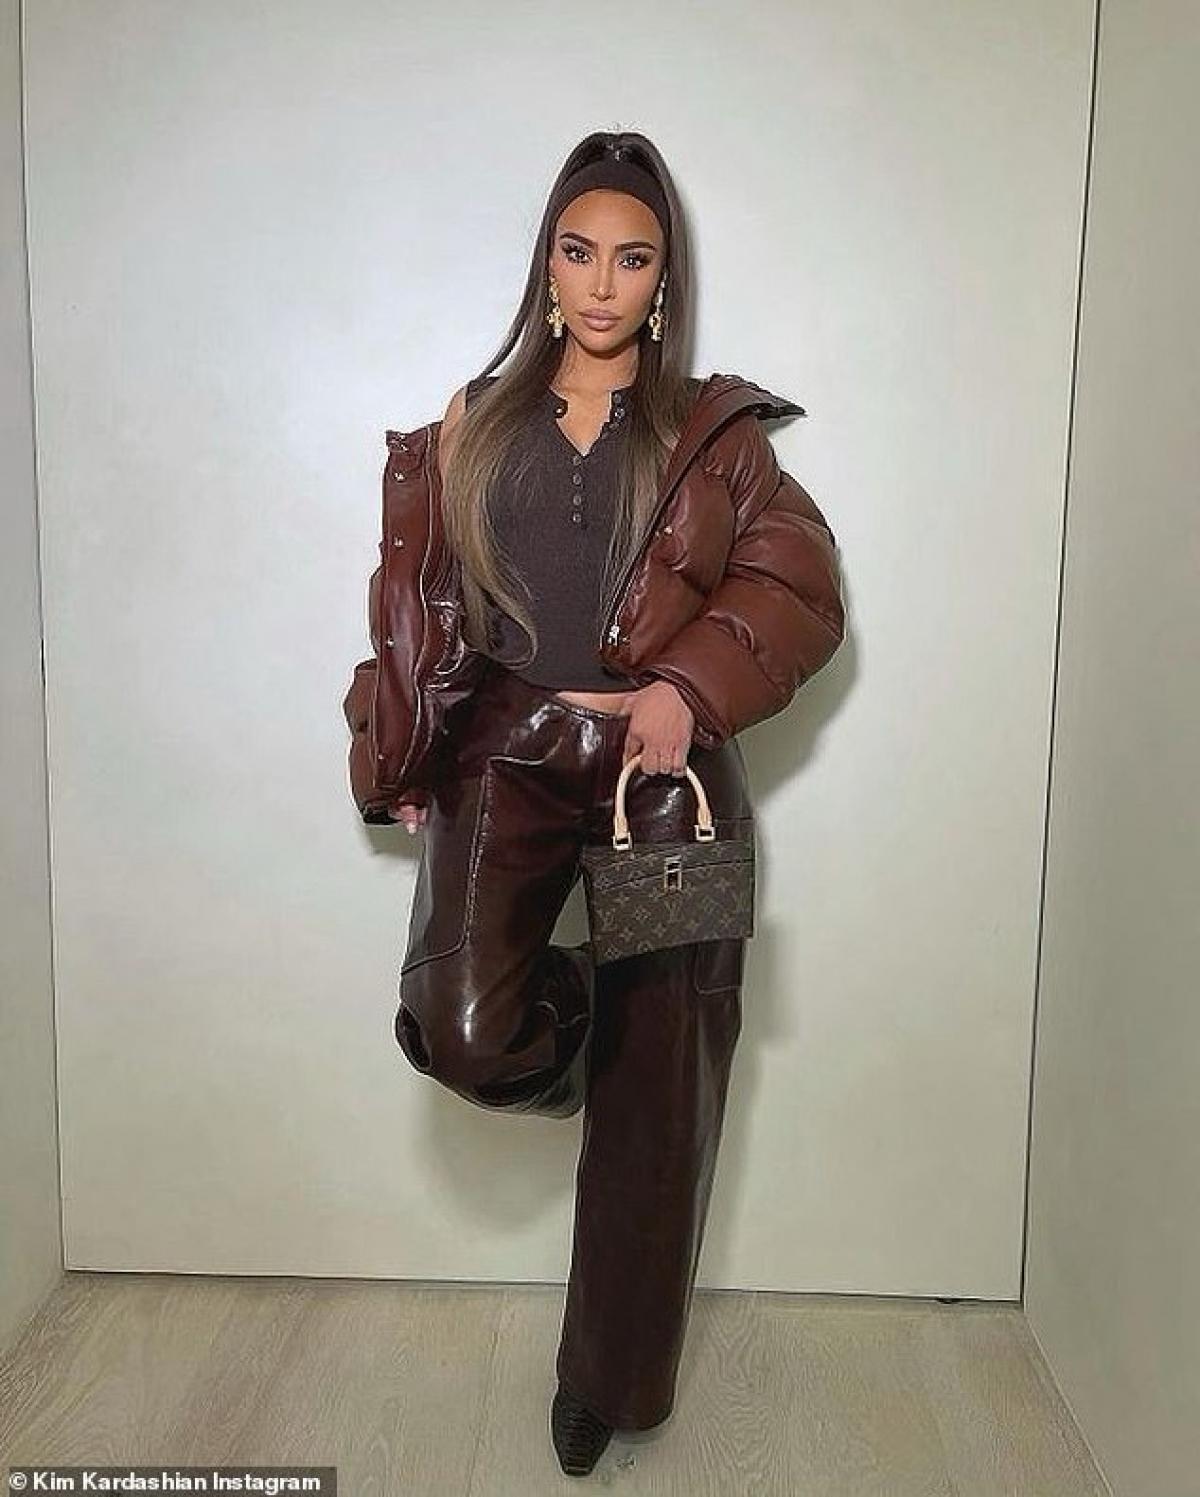 Kim Kardashian vừa khoe loạt ảnh phong cách lên trang Instagram cá nhân.